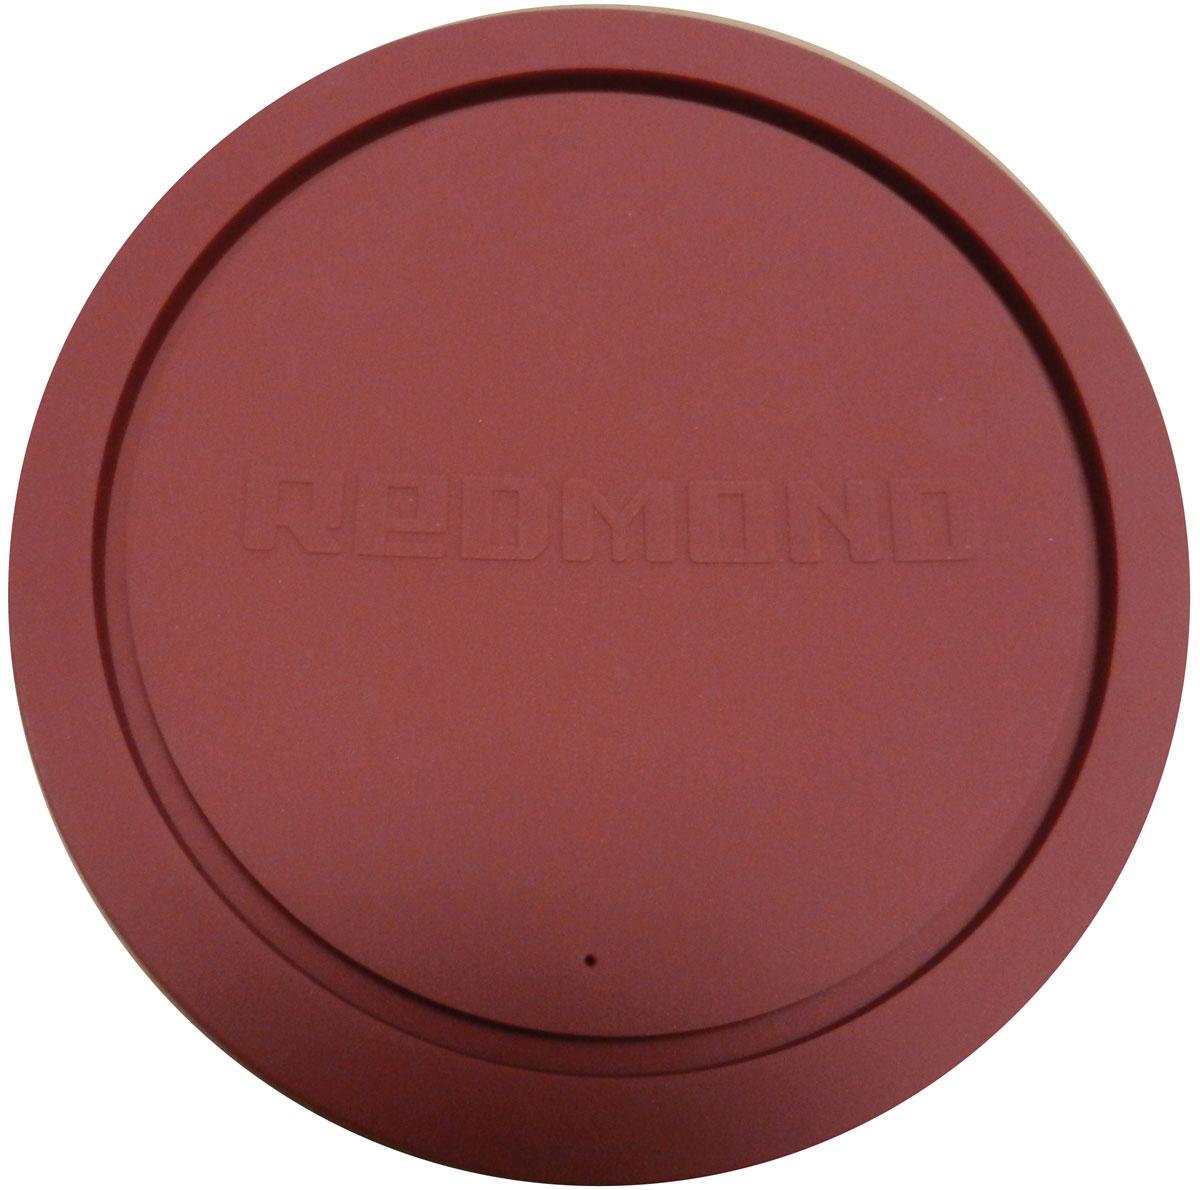 Redmond RAM-PLU1-E крышка для чаши мультиварки